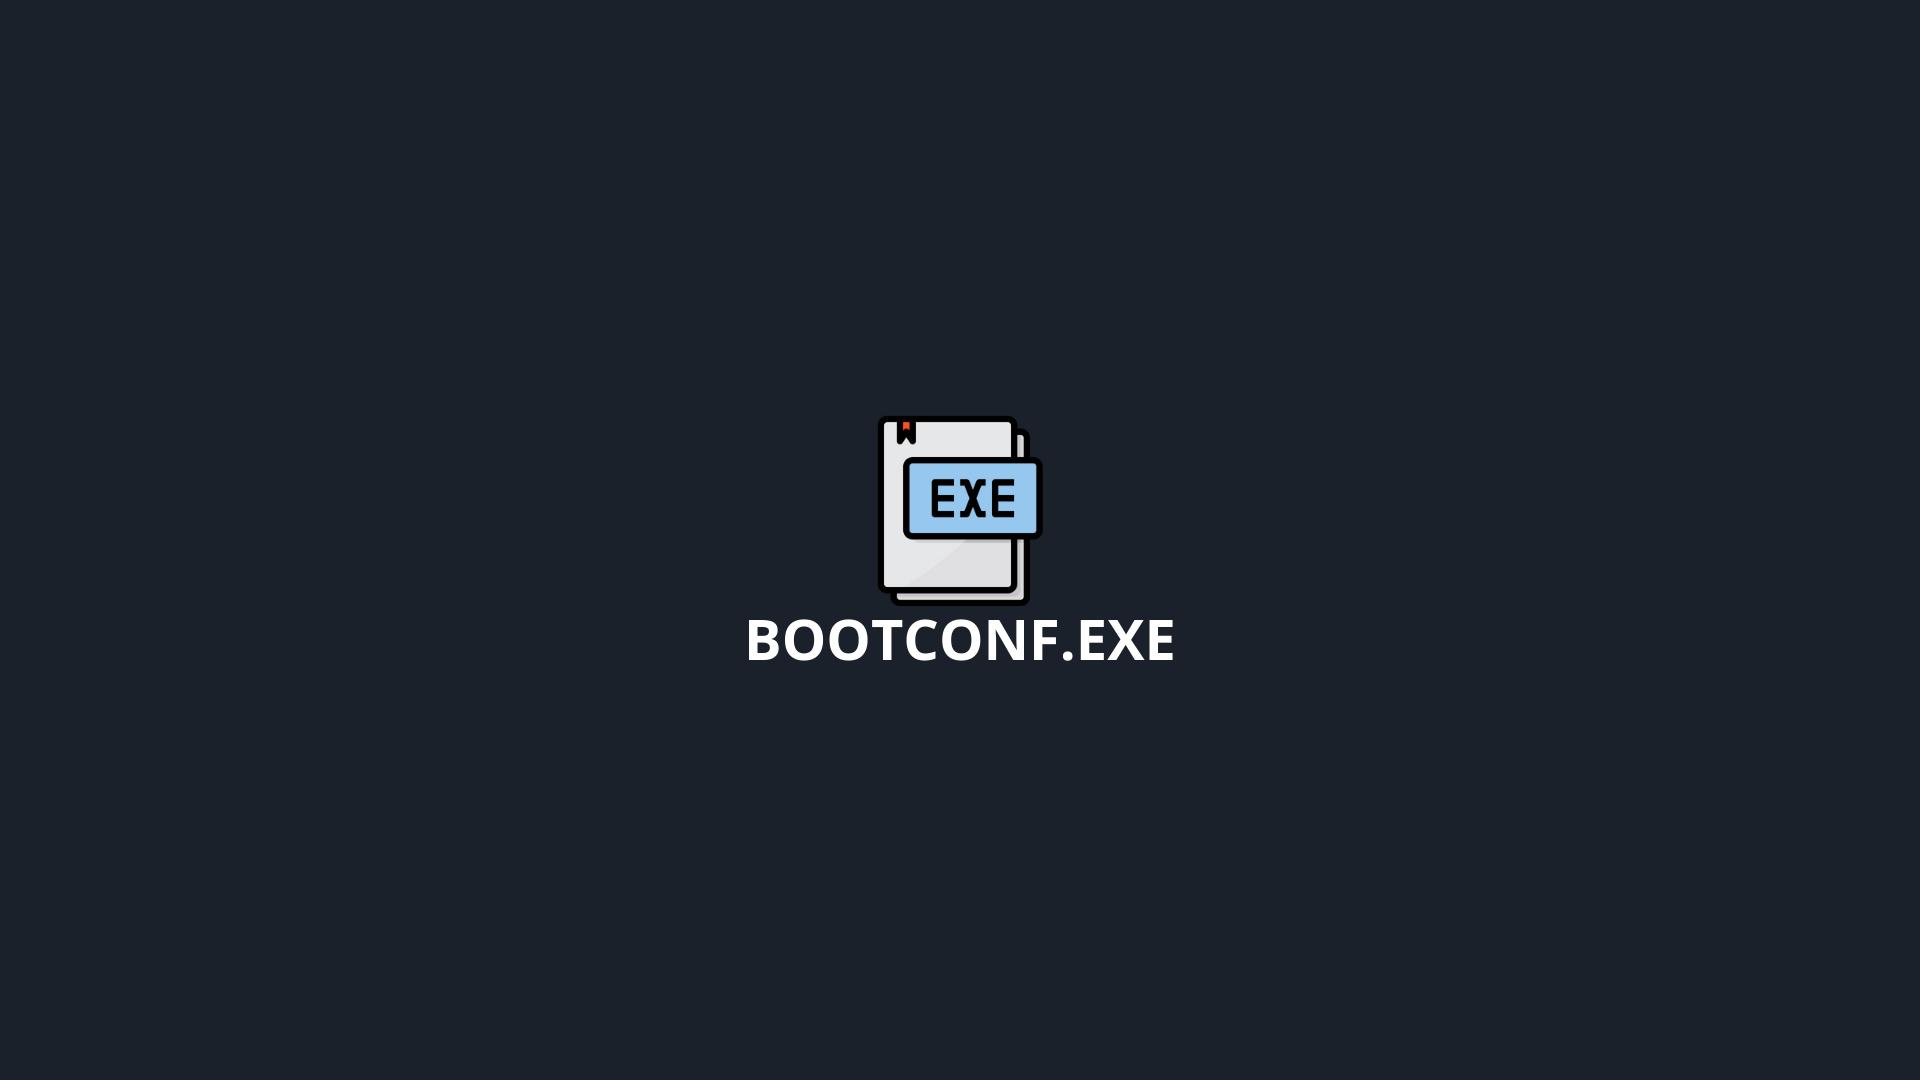 bootconf.exe